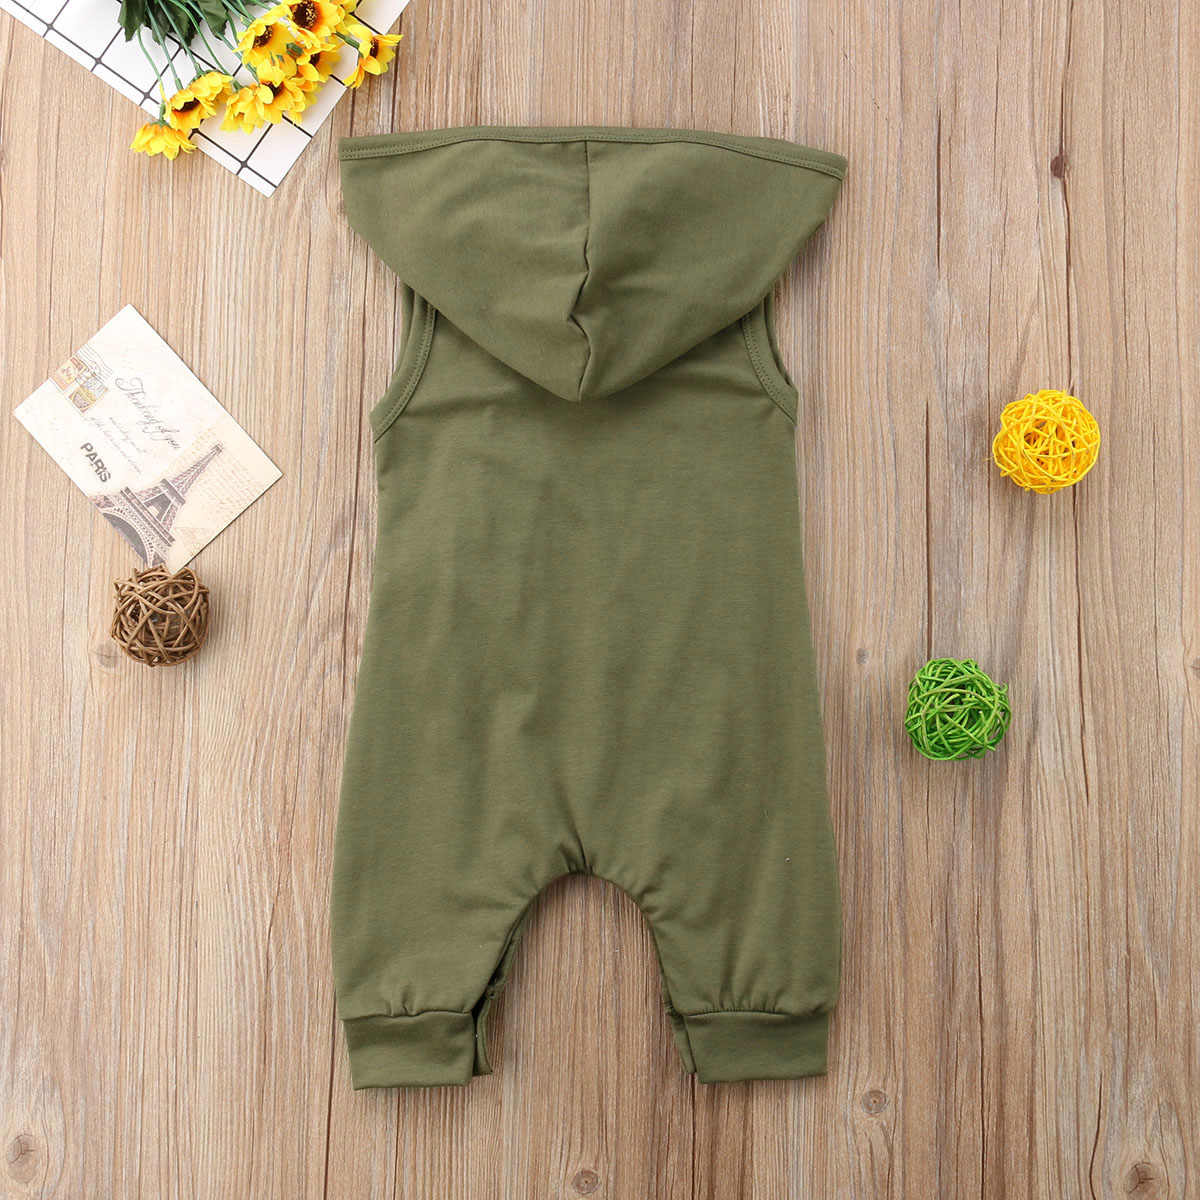 Для новорожденных одежда для малышей мальчиков и девочек Армейский зеленый Цвет без рукавов с капюшоном комбинезон наряд моды Стиль